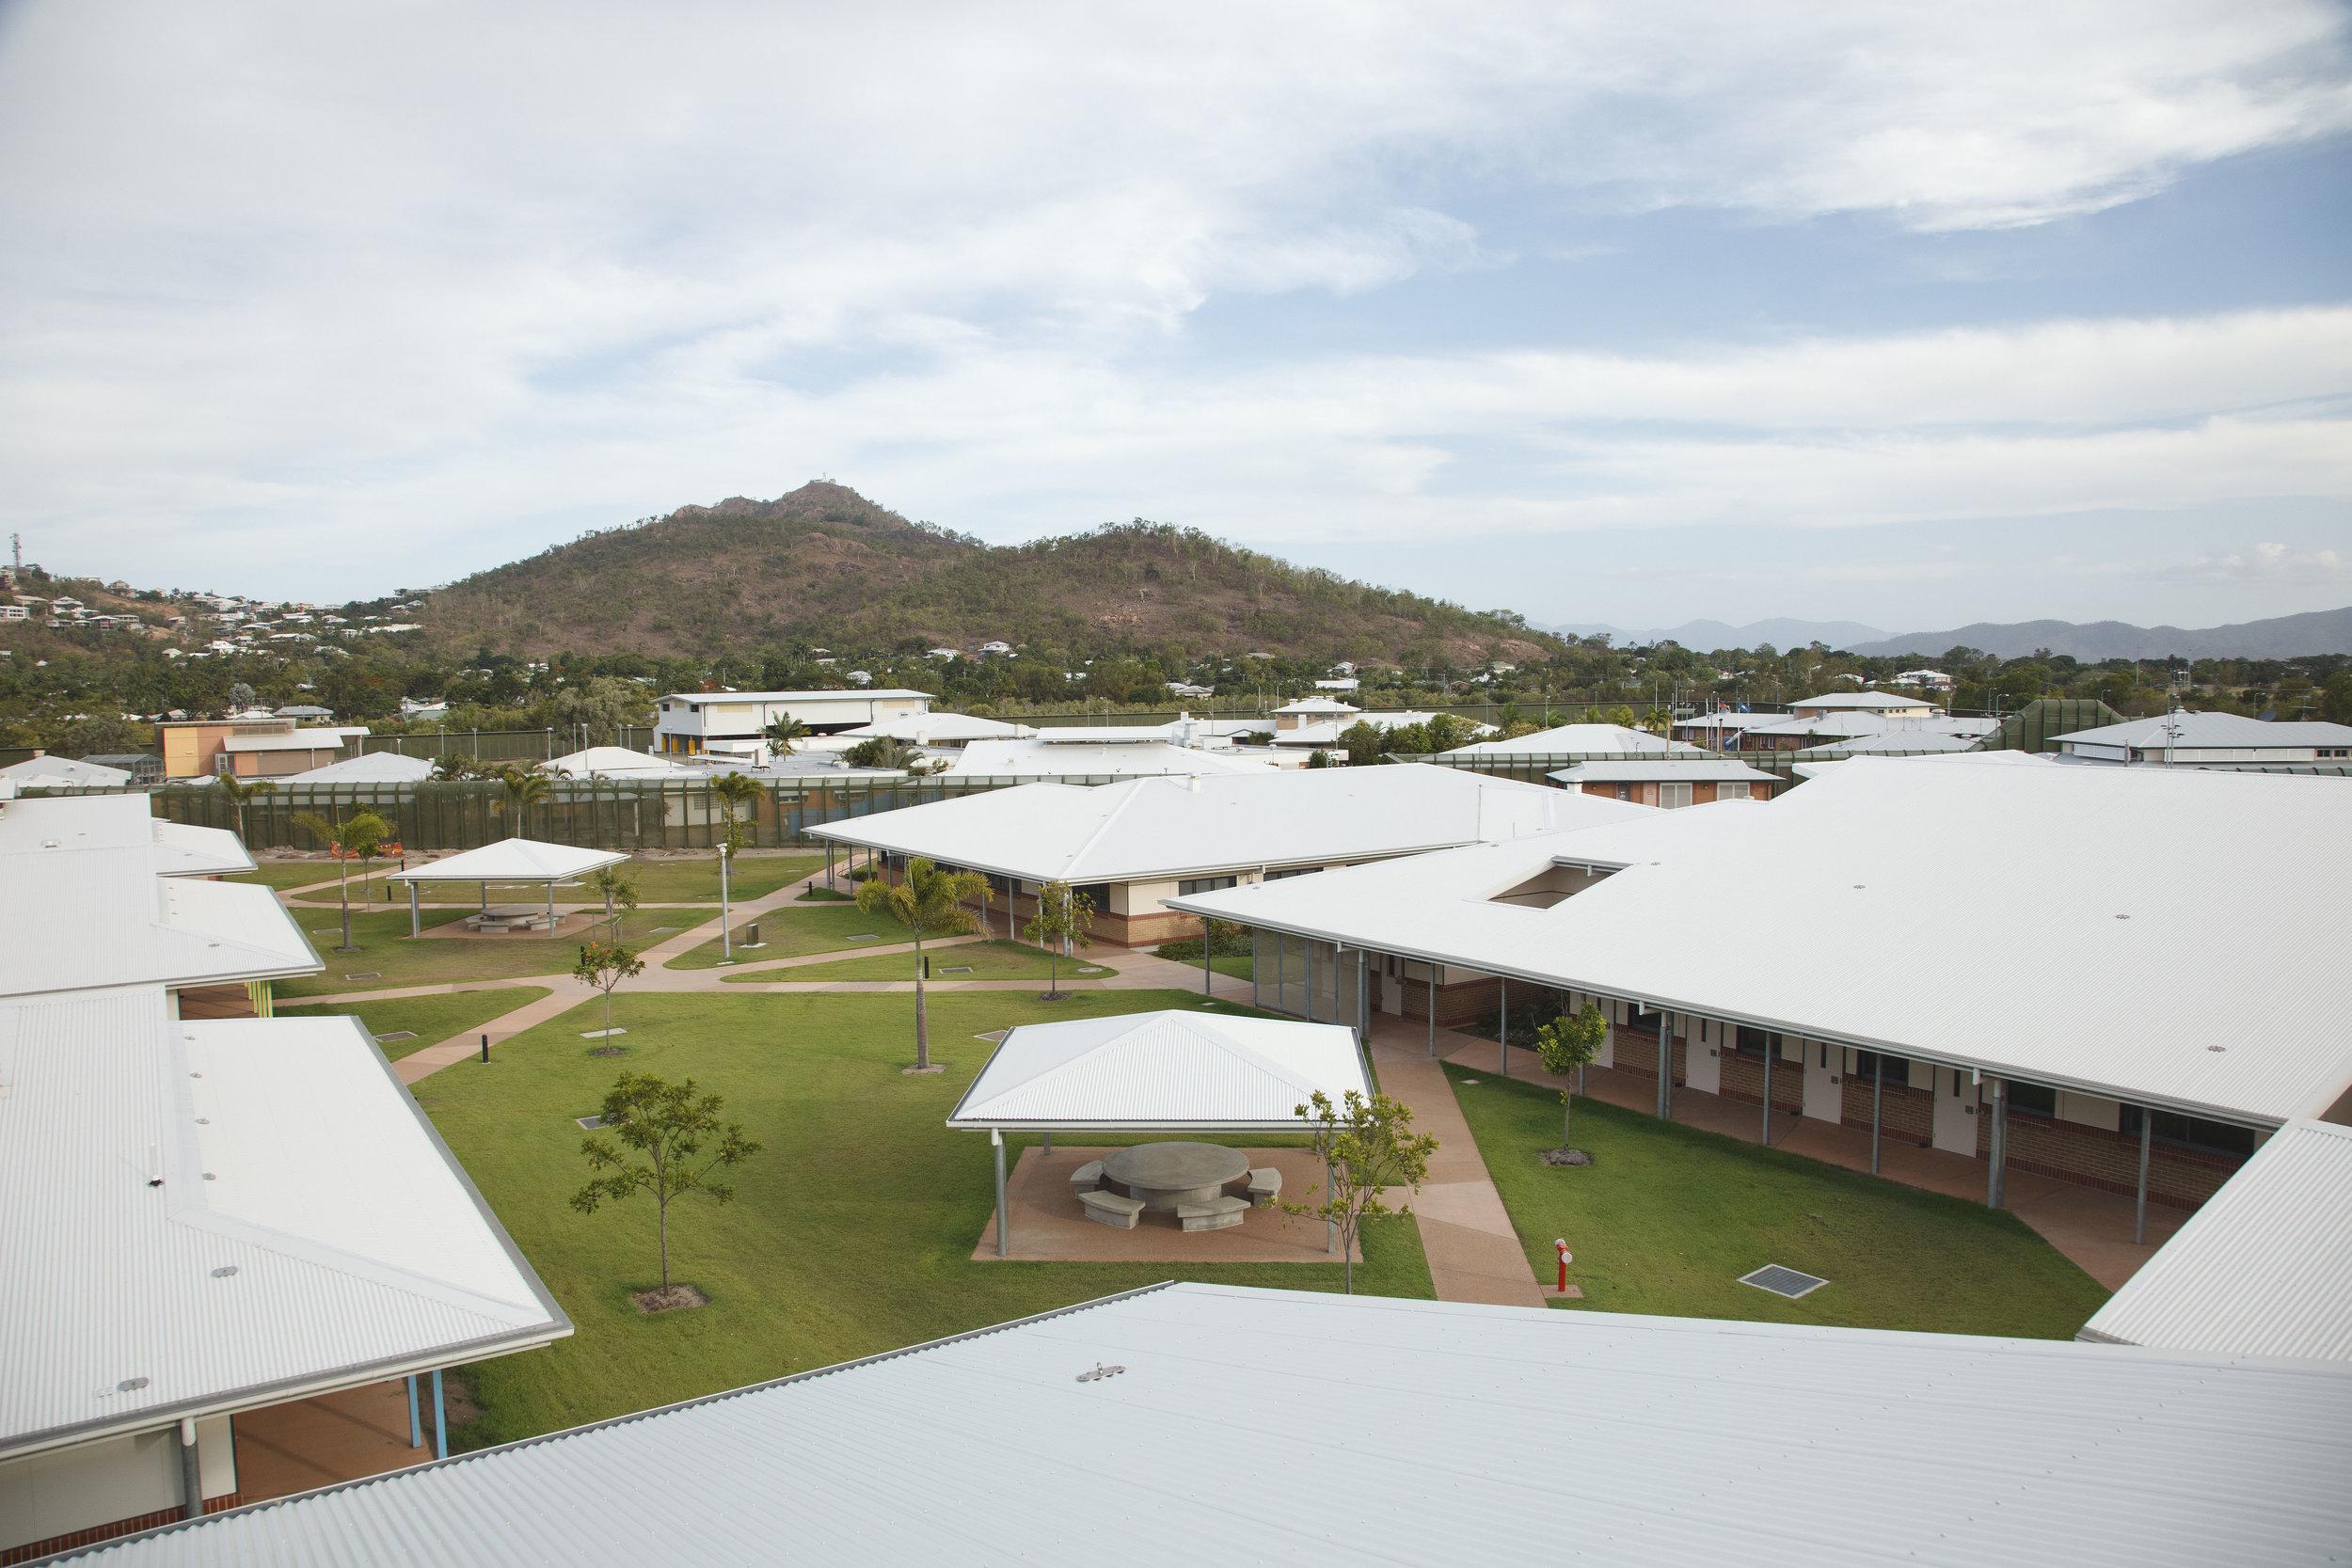 Far-north-qld-youth-detention-guymer-bailey-9.jpg